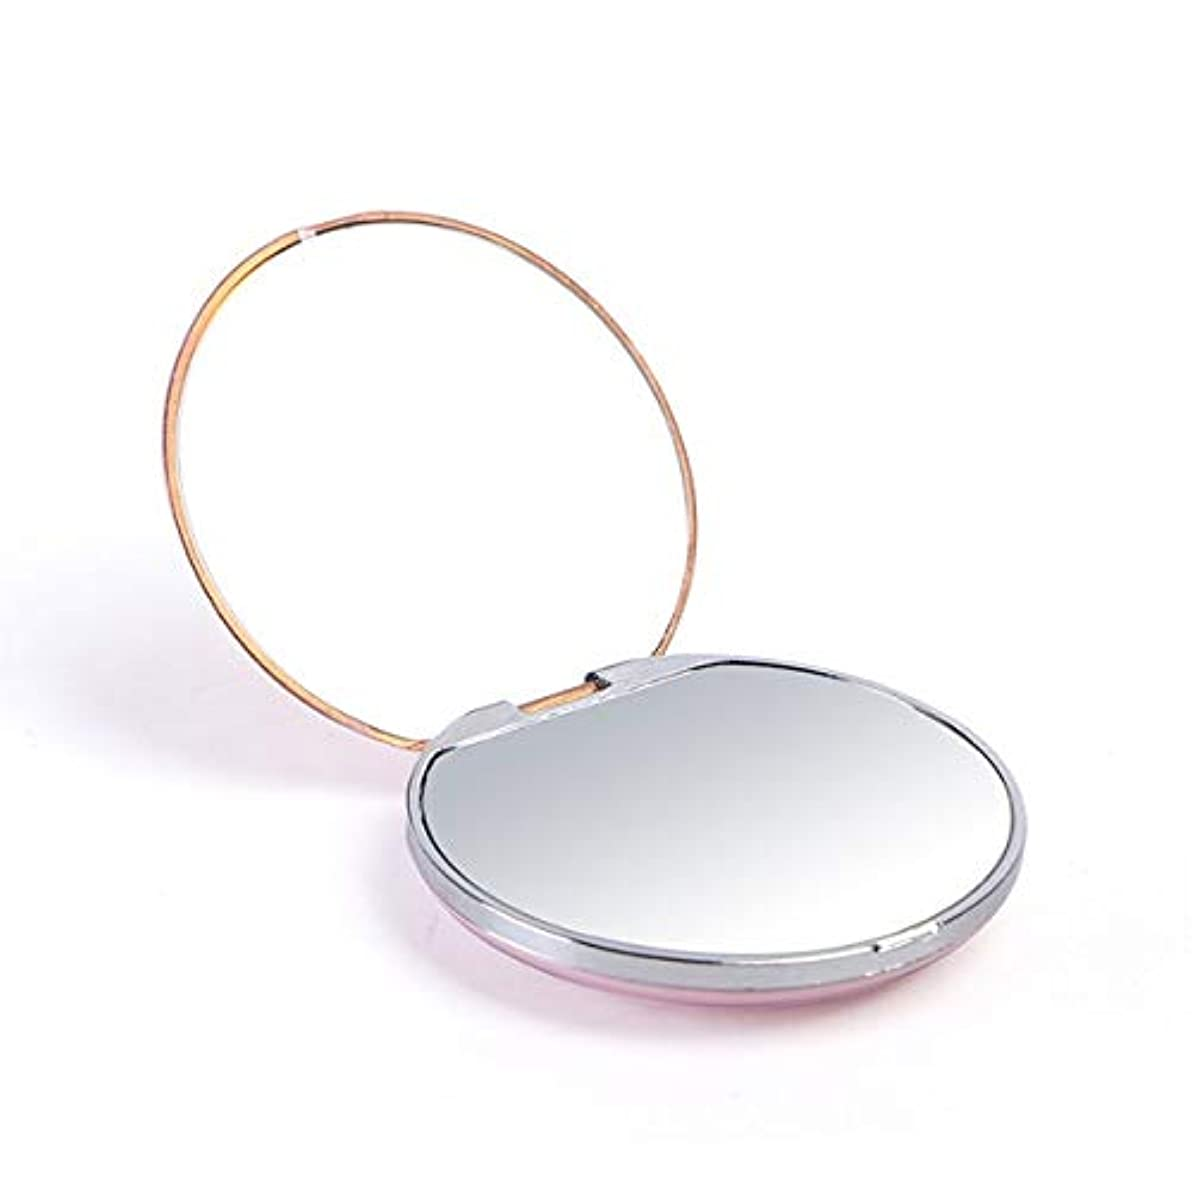 ジャンル民族主義スペースSfHx 化粧鏡、亜鉛合金テクスチャアップグレード化粧鏡化粧鏡化粧ギフト